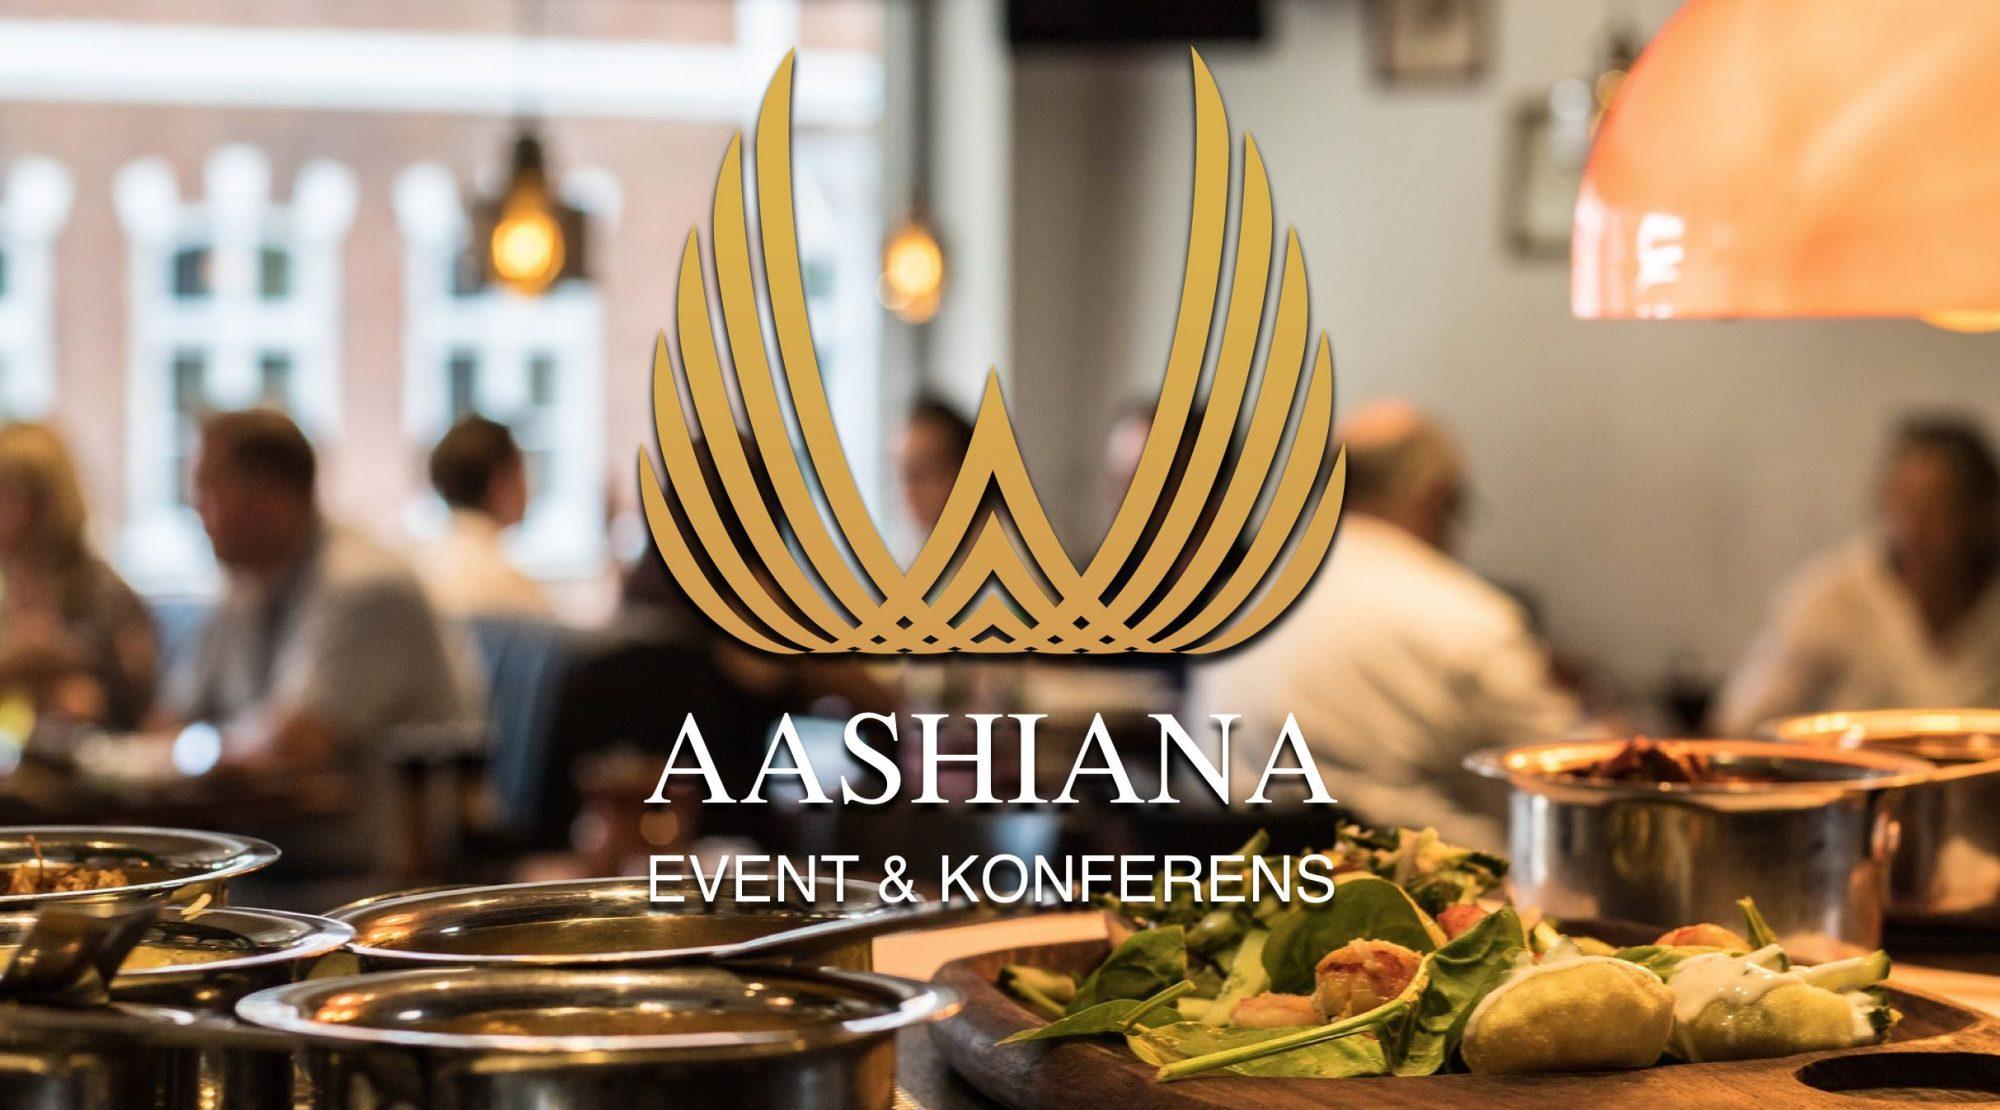 Aashiana